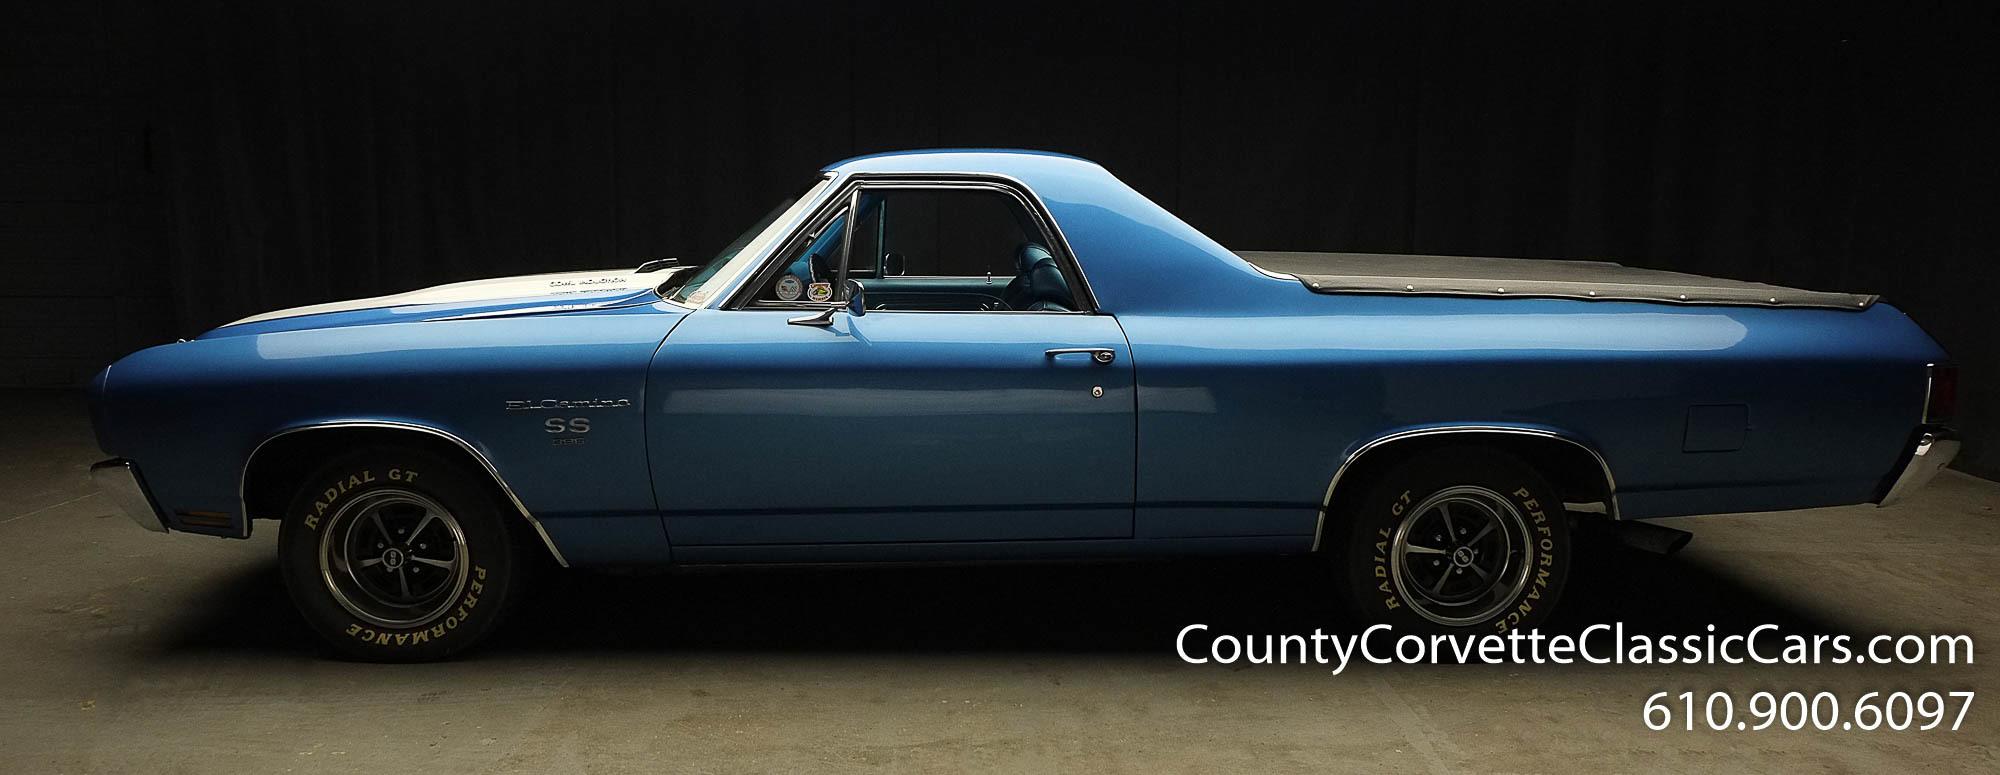 1970 Chevrolet El Camino Blue